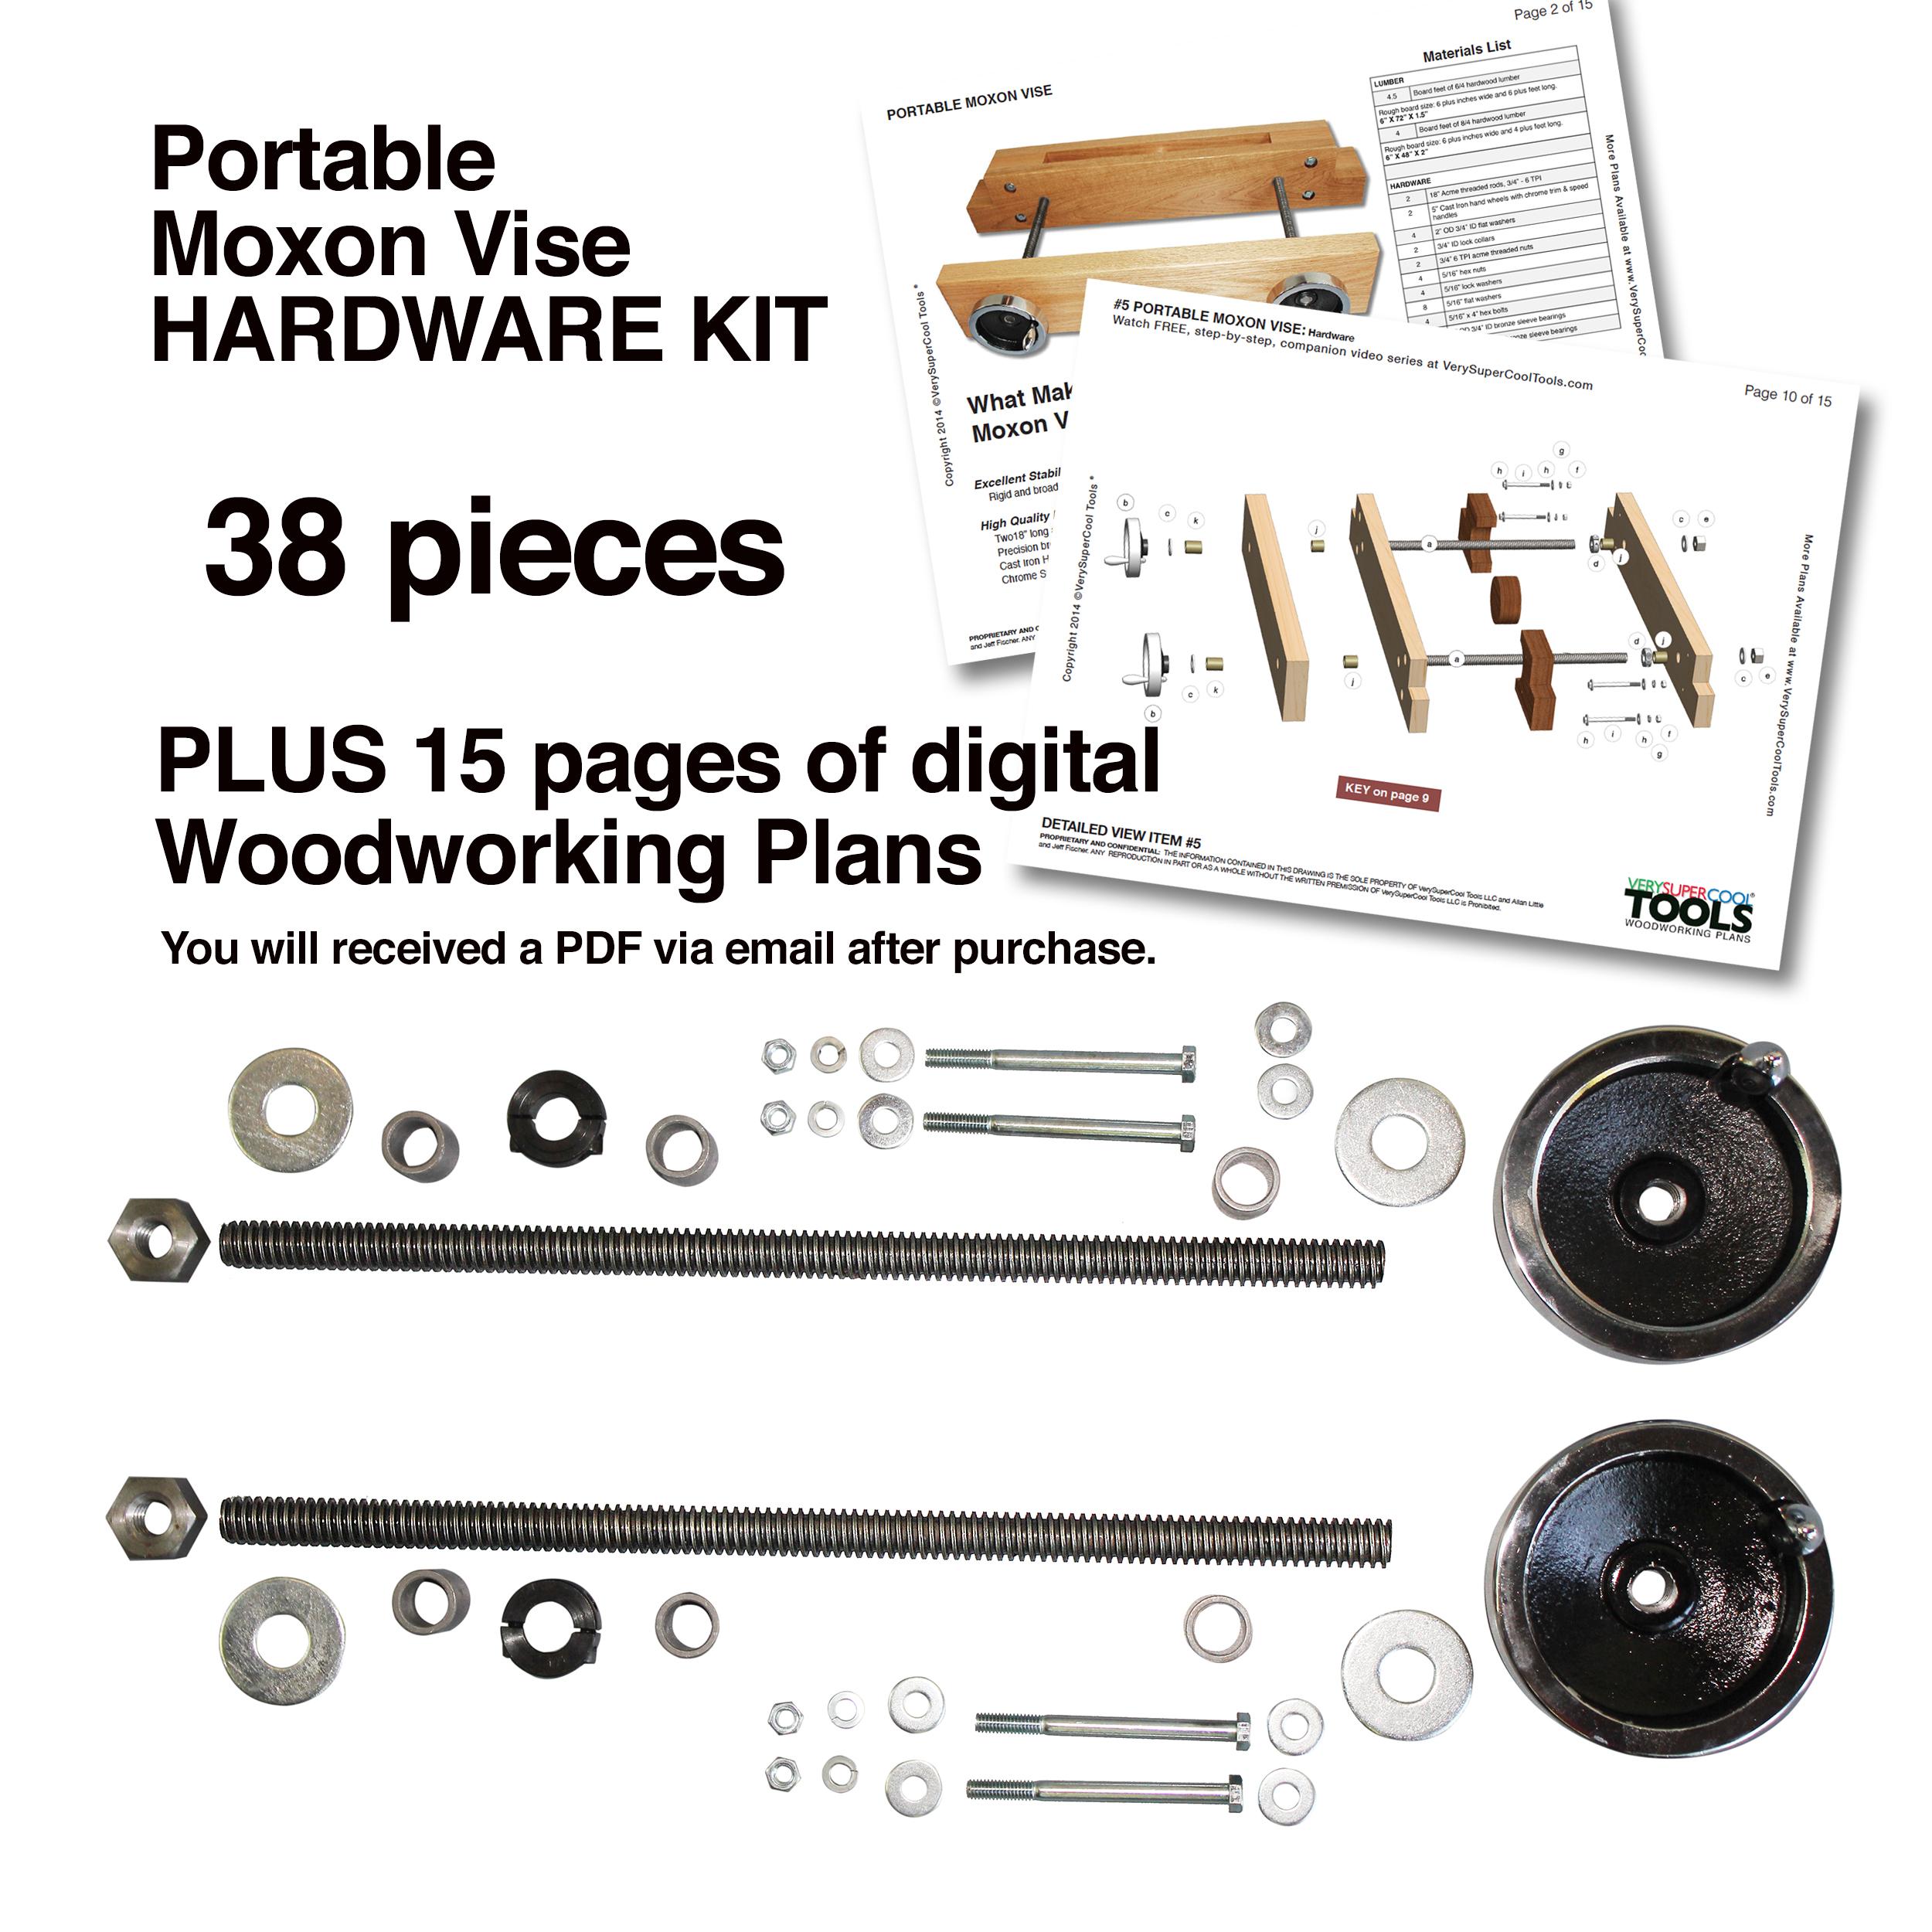 Portable Moxon Vise Hardware Kit Verysupercool Tools